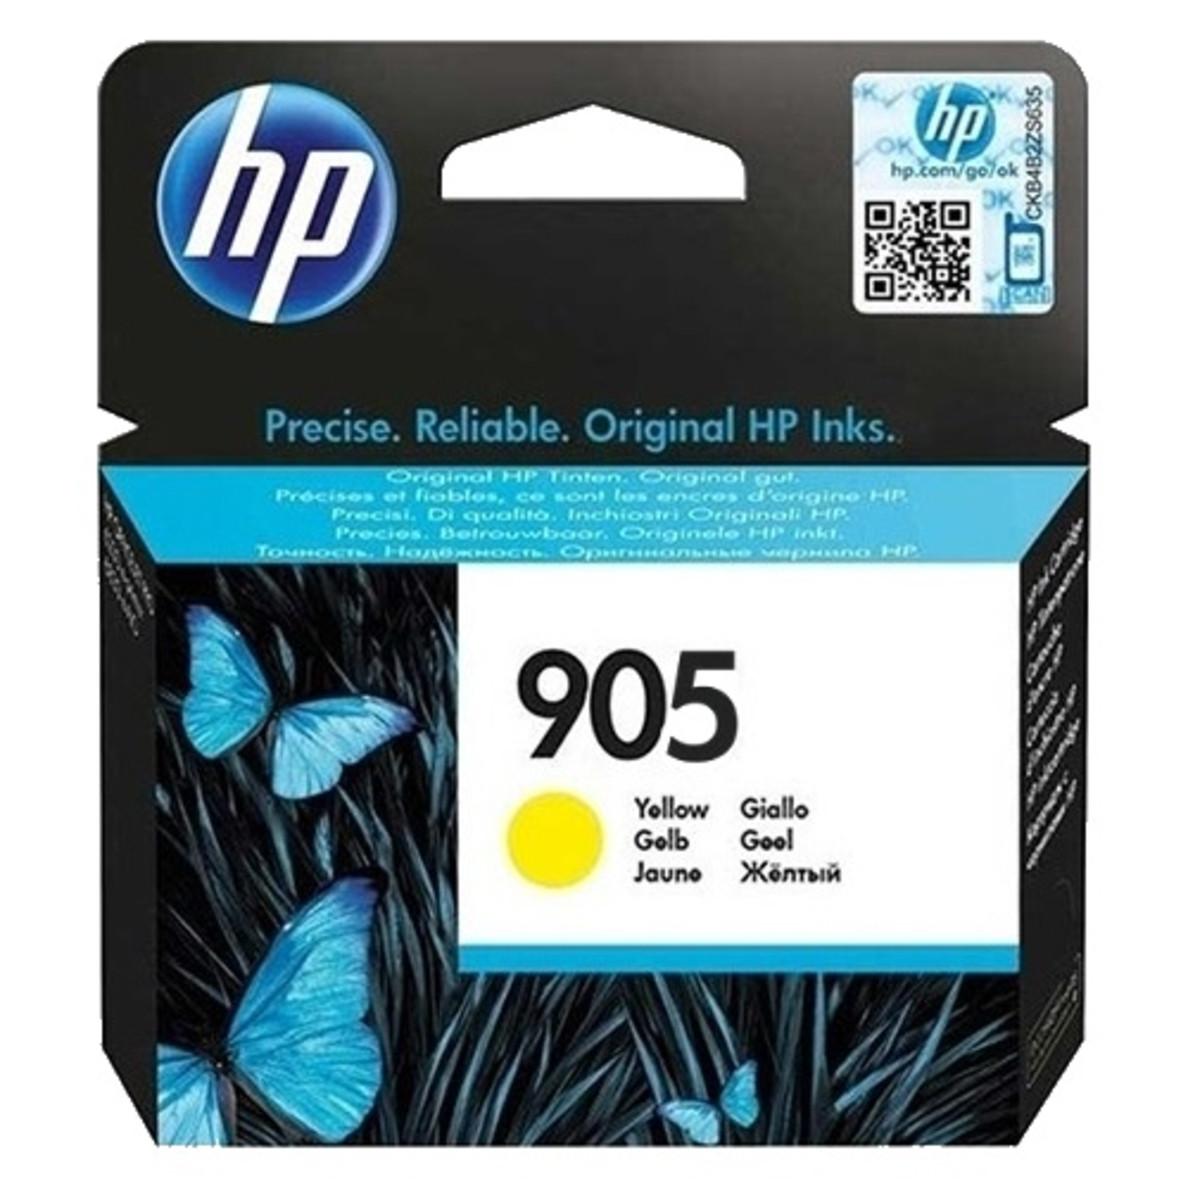 HP 905 (T6L97AA) Yellow Ink Cartridge